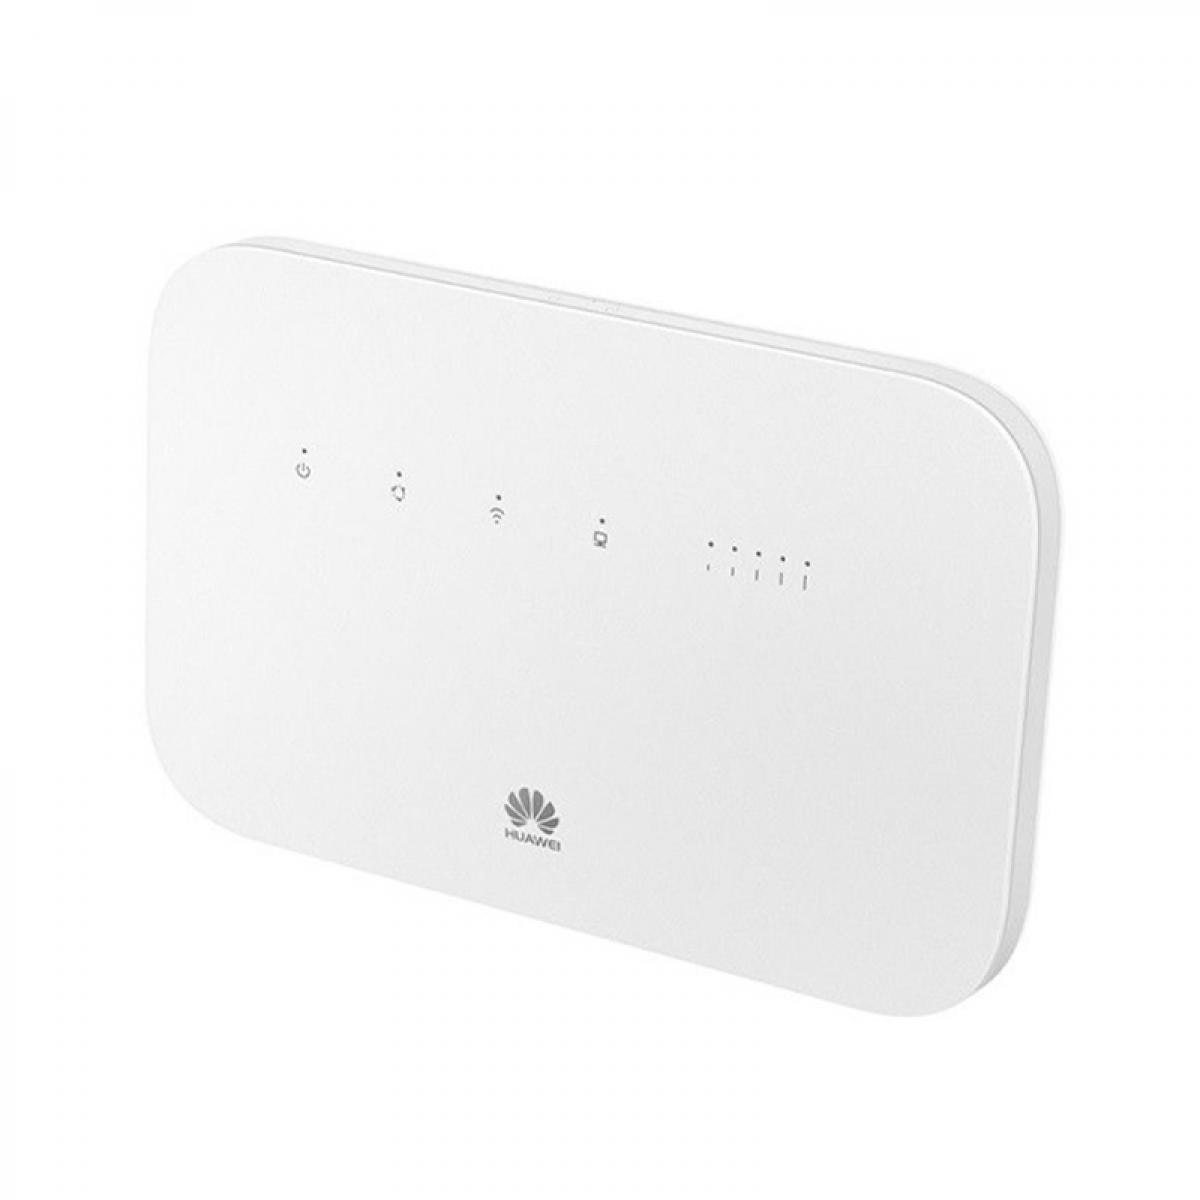 مودم 4G LTE هوآوی مدل B612 به همراه سیمکارت ایرانسل